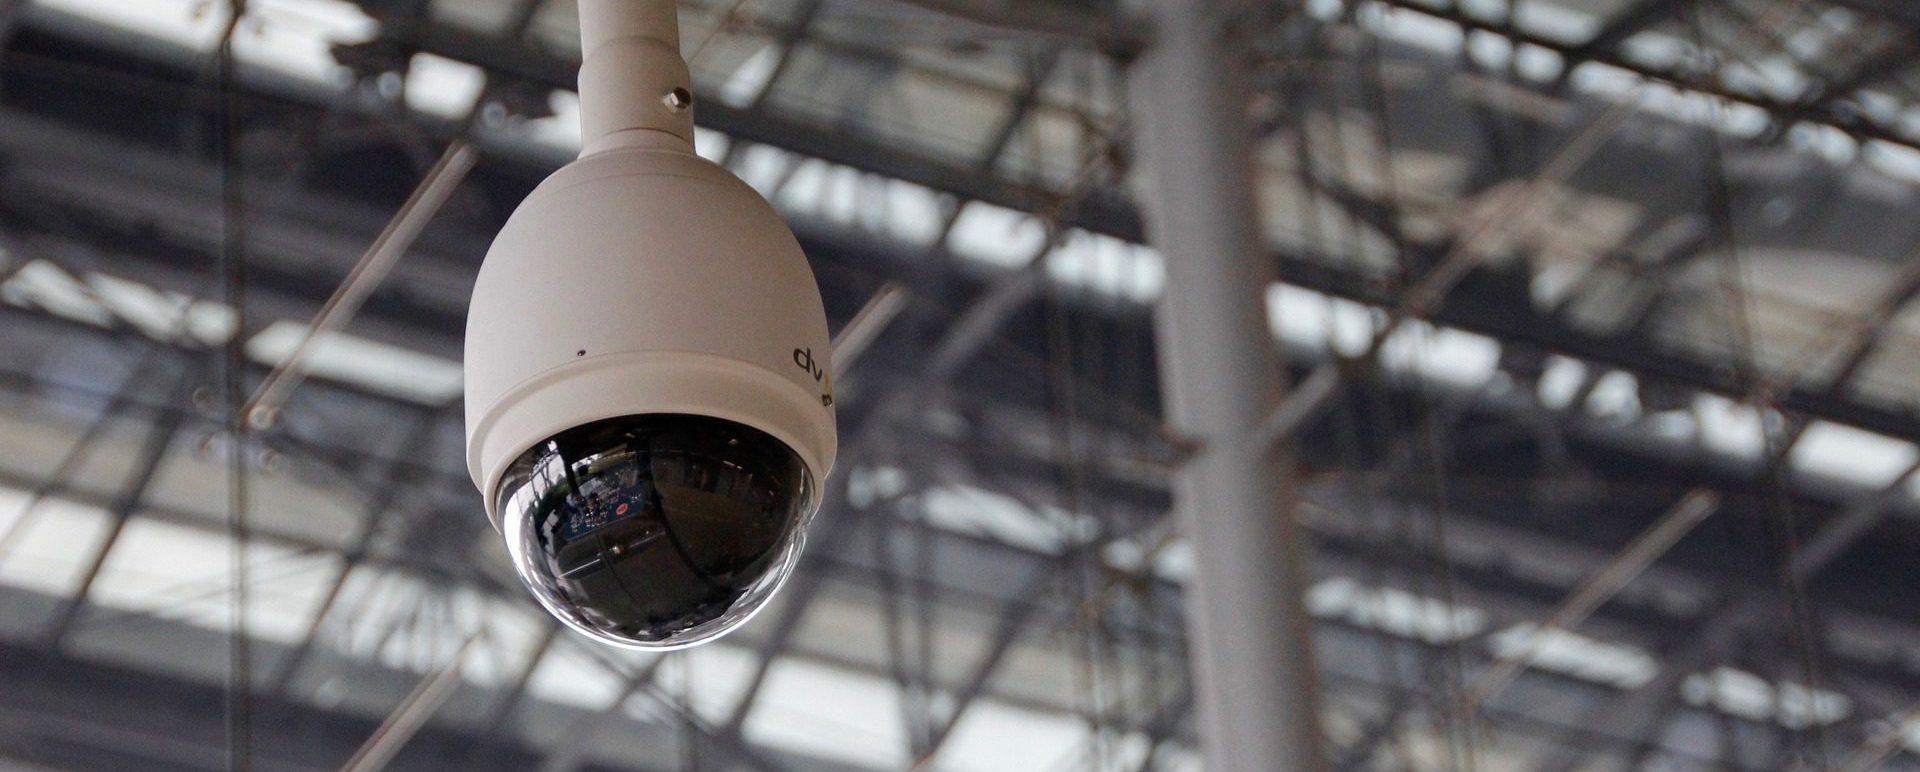 Comparativa de tipos de sistemas de vídeo vigilancia en el mercado